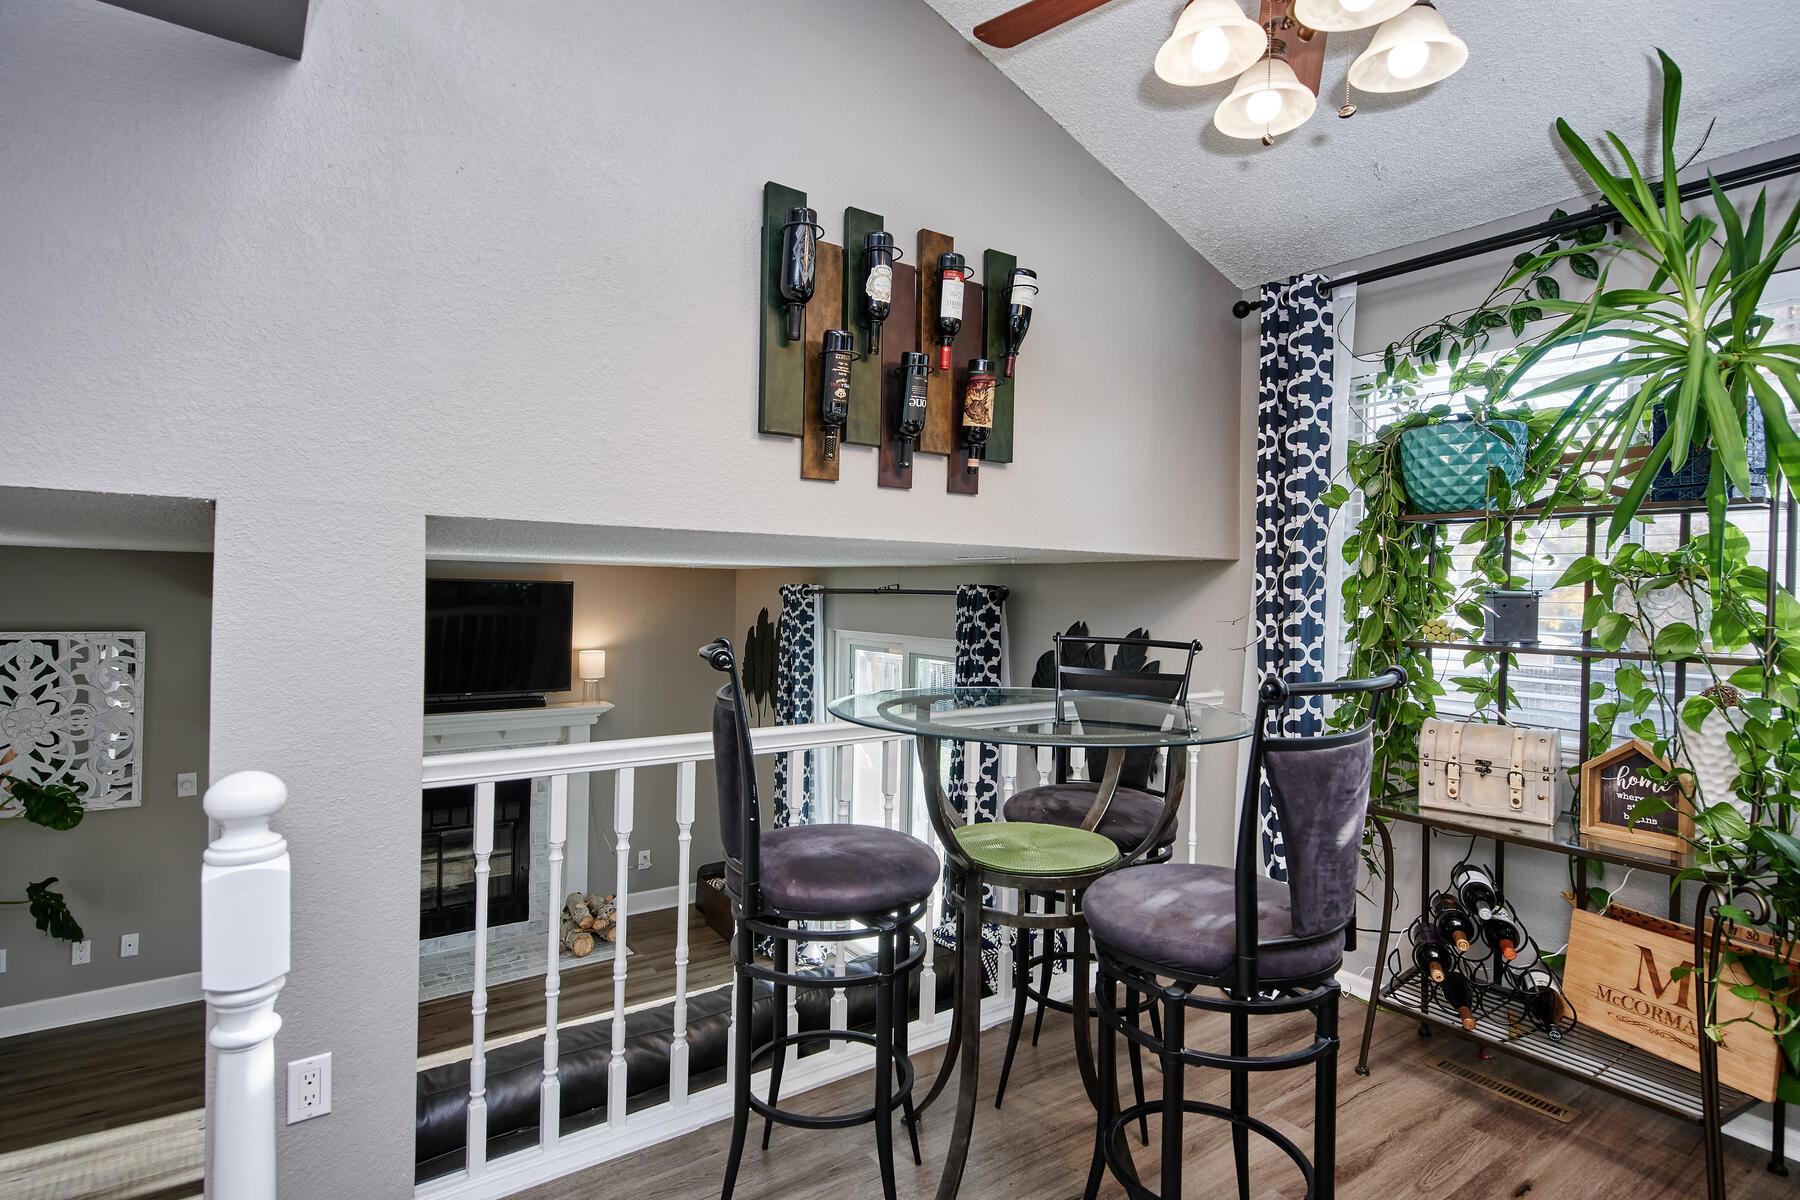 Kitchen Nook Overlooks Family Room